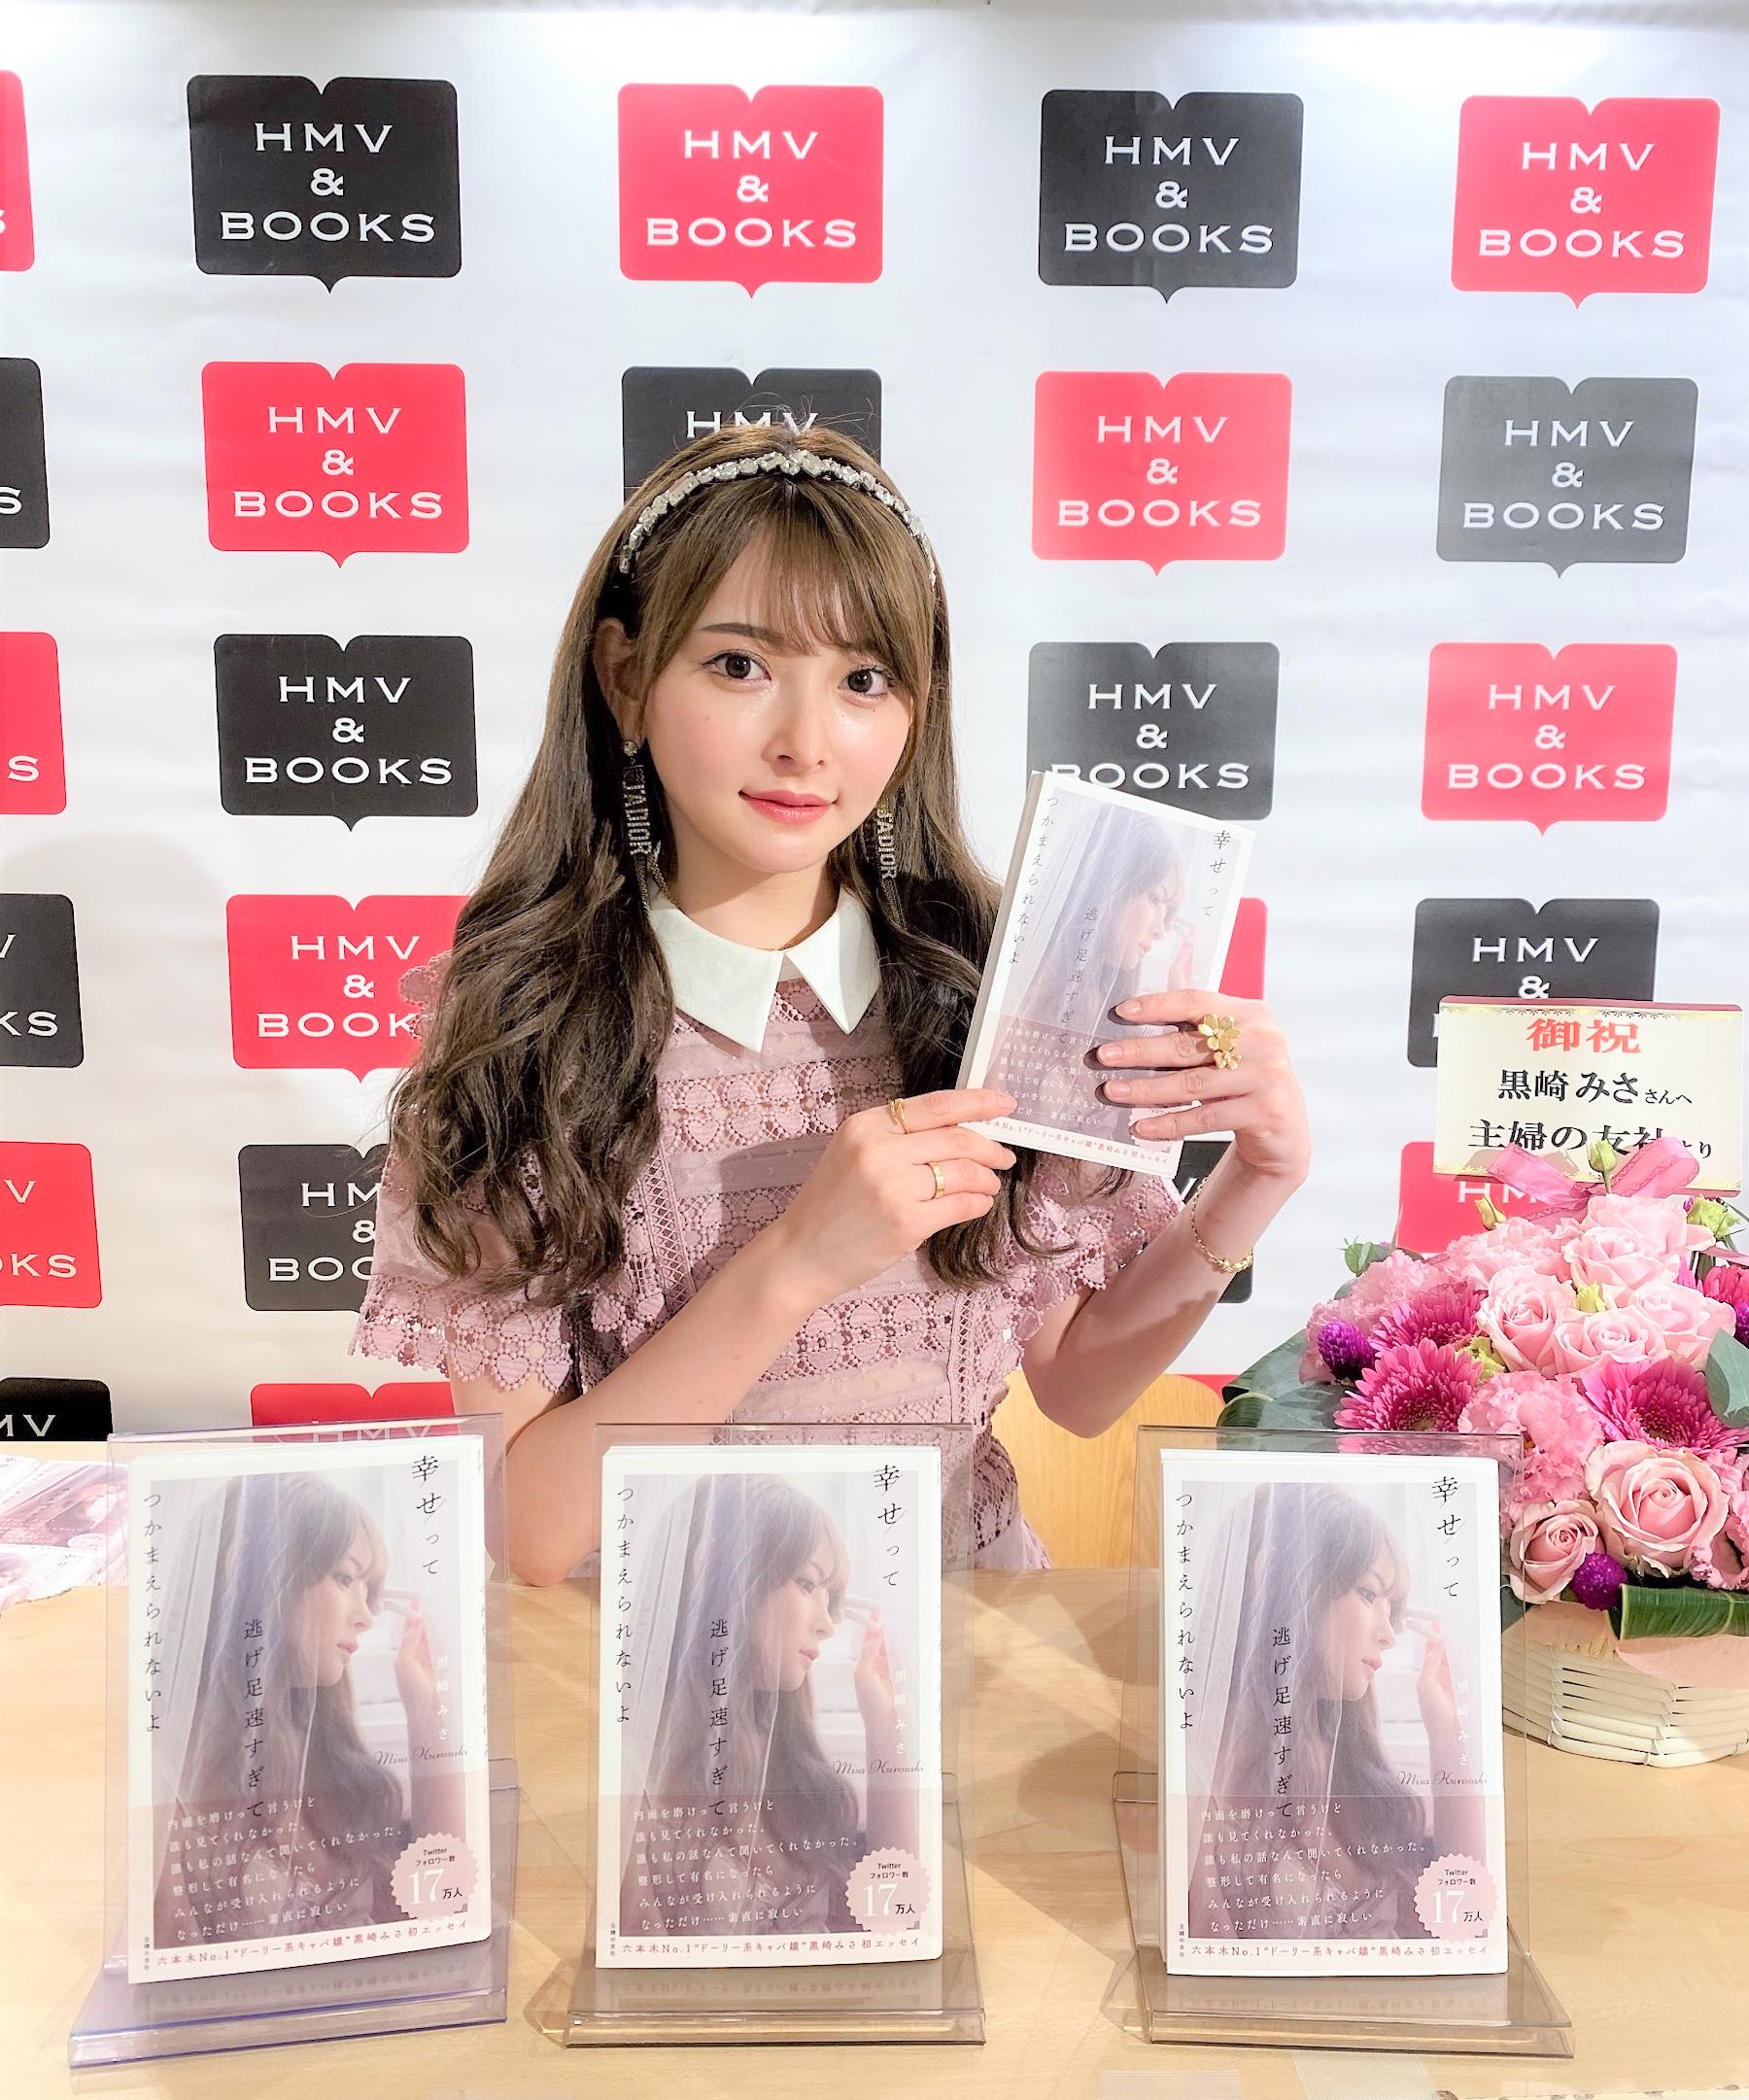 黒崎みさ、初書籍発売記念イベント